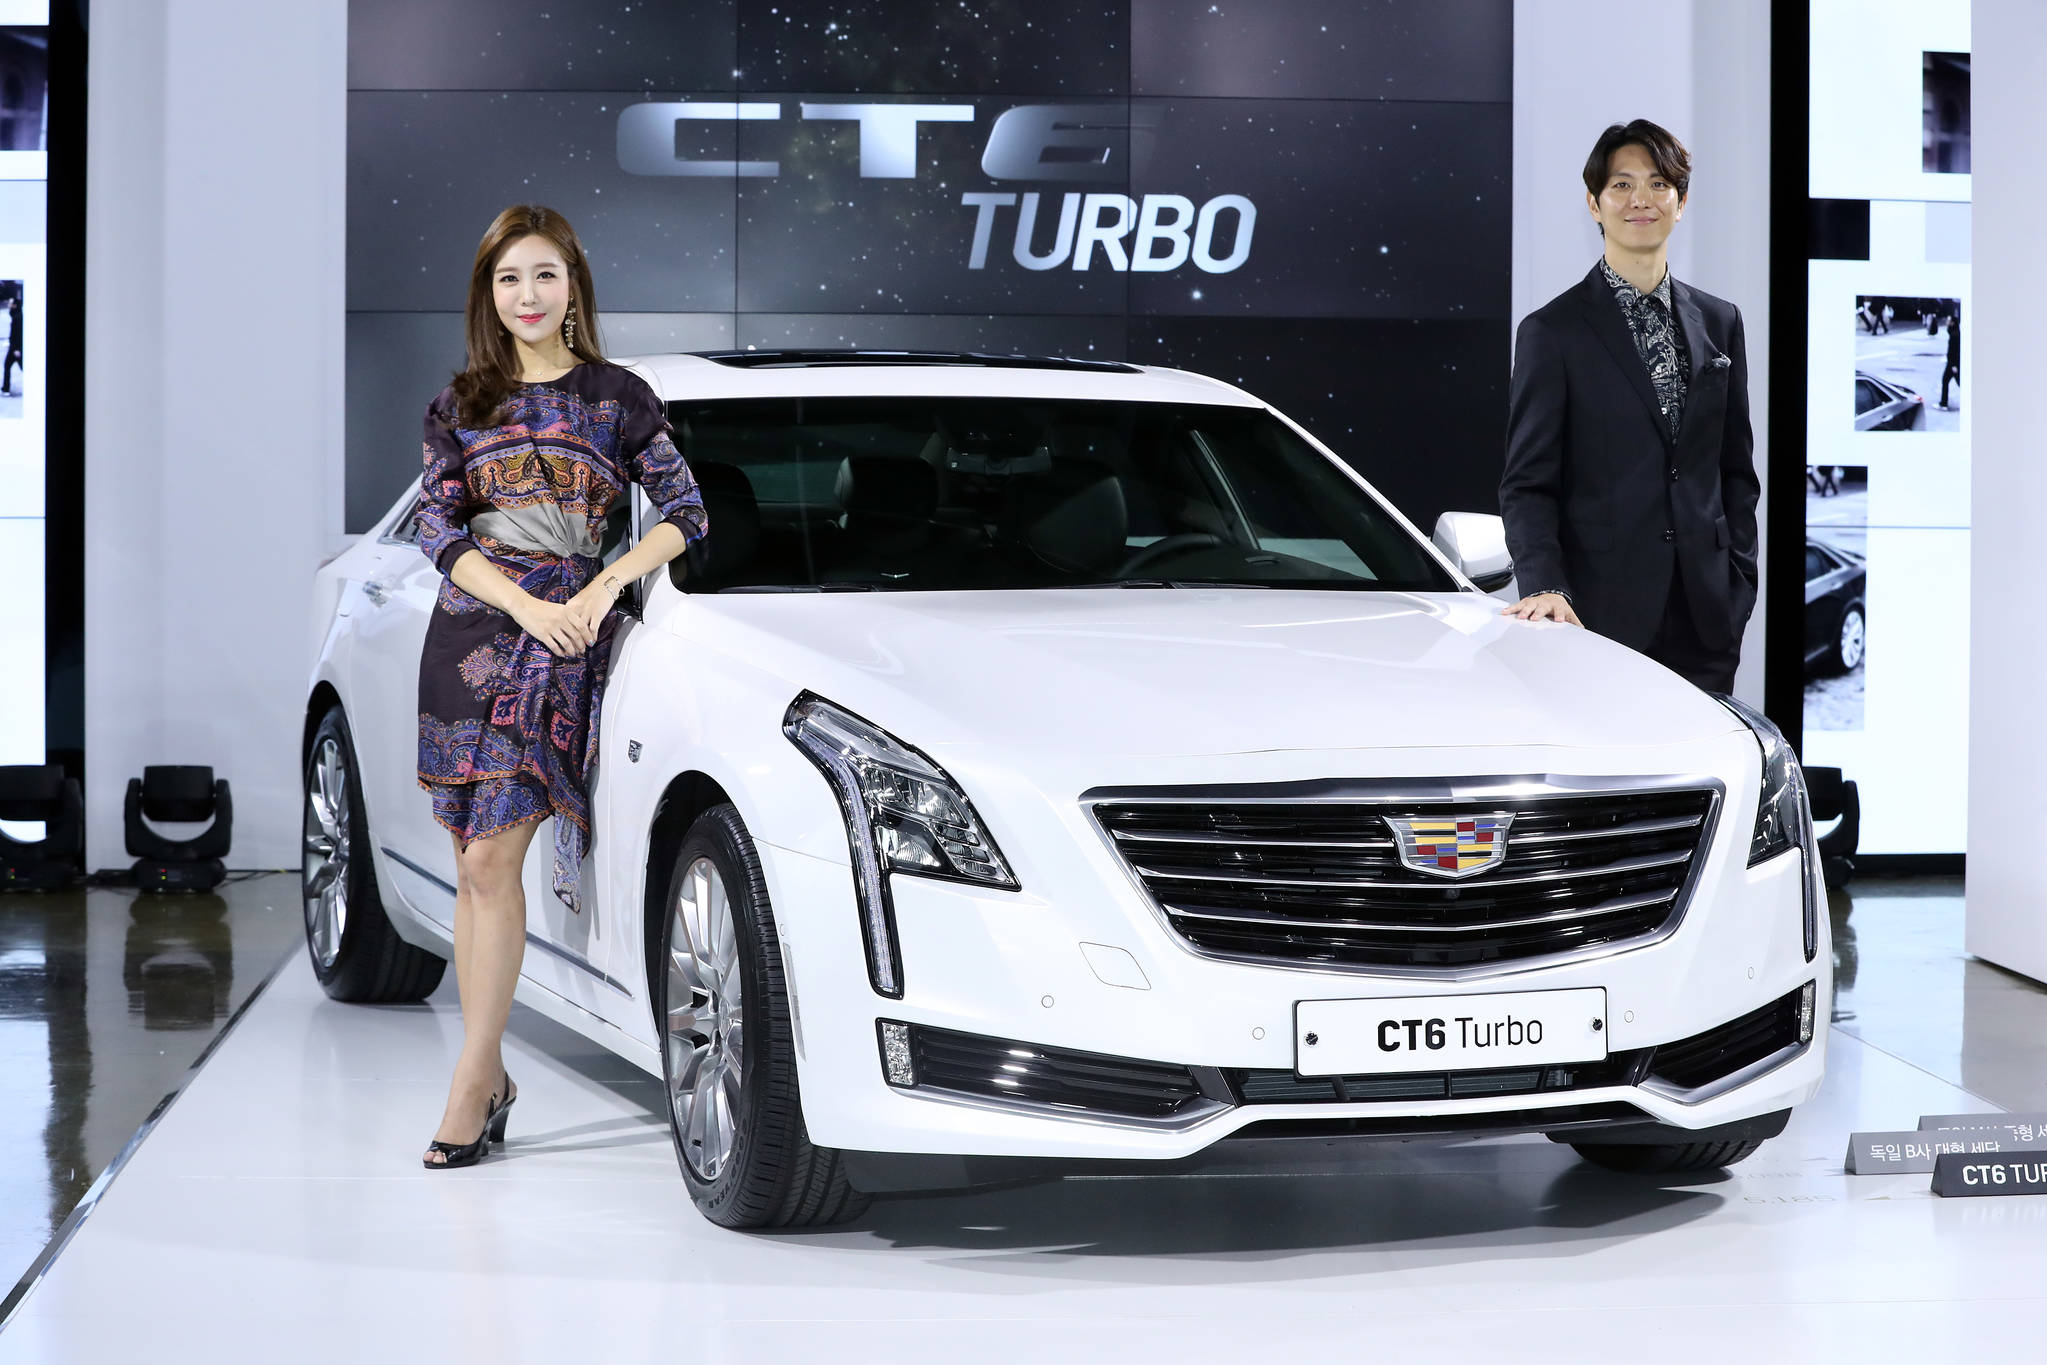 지엠코리아 캐딜락은 14일 오전 서울 논현동 캐딜락하우스에서 'CT6 터보'를 공개했다. CT6 터보는 최고출력 269마력, 최대토크 41 kg.m의 성능을 자랑하며, 기존 모델 대비 공인연비가 24%가량 향상되어 리터당 10.2km 운행이 가능하다. 가격은 6980만원이다. 우상조 기자